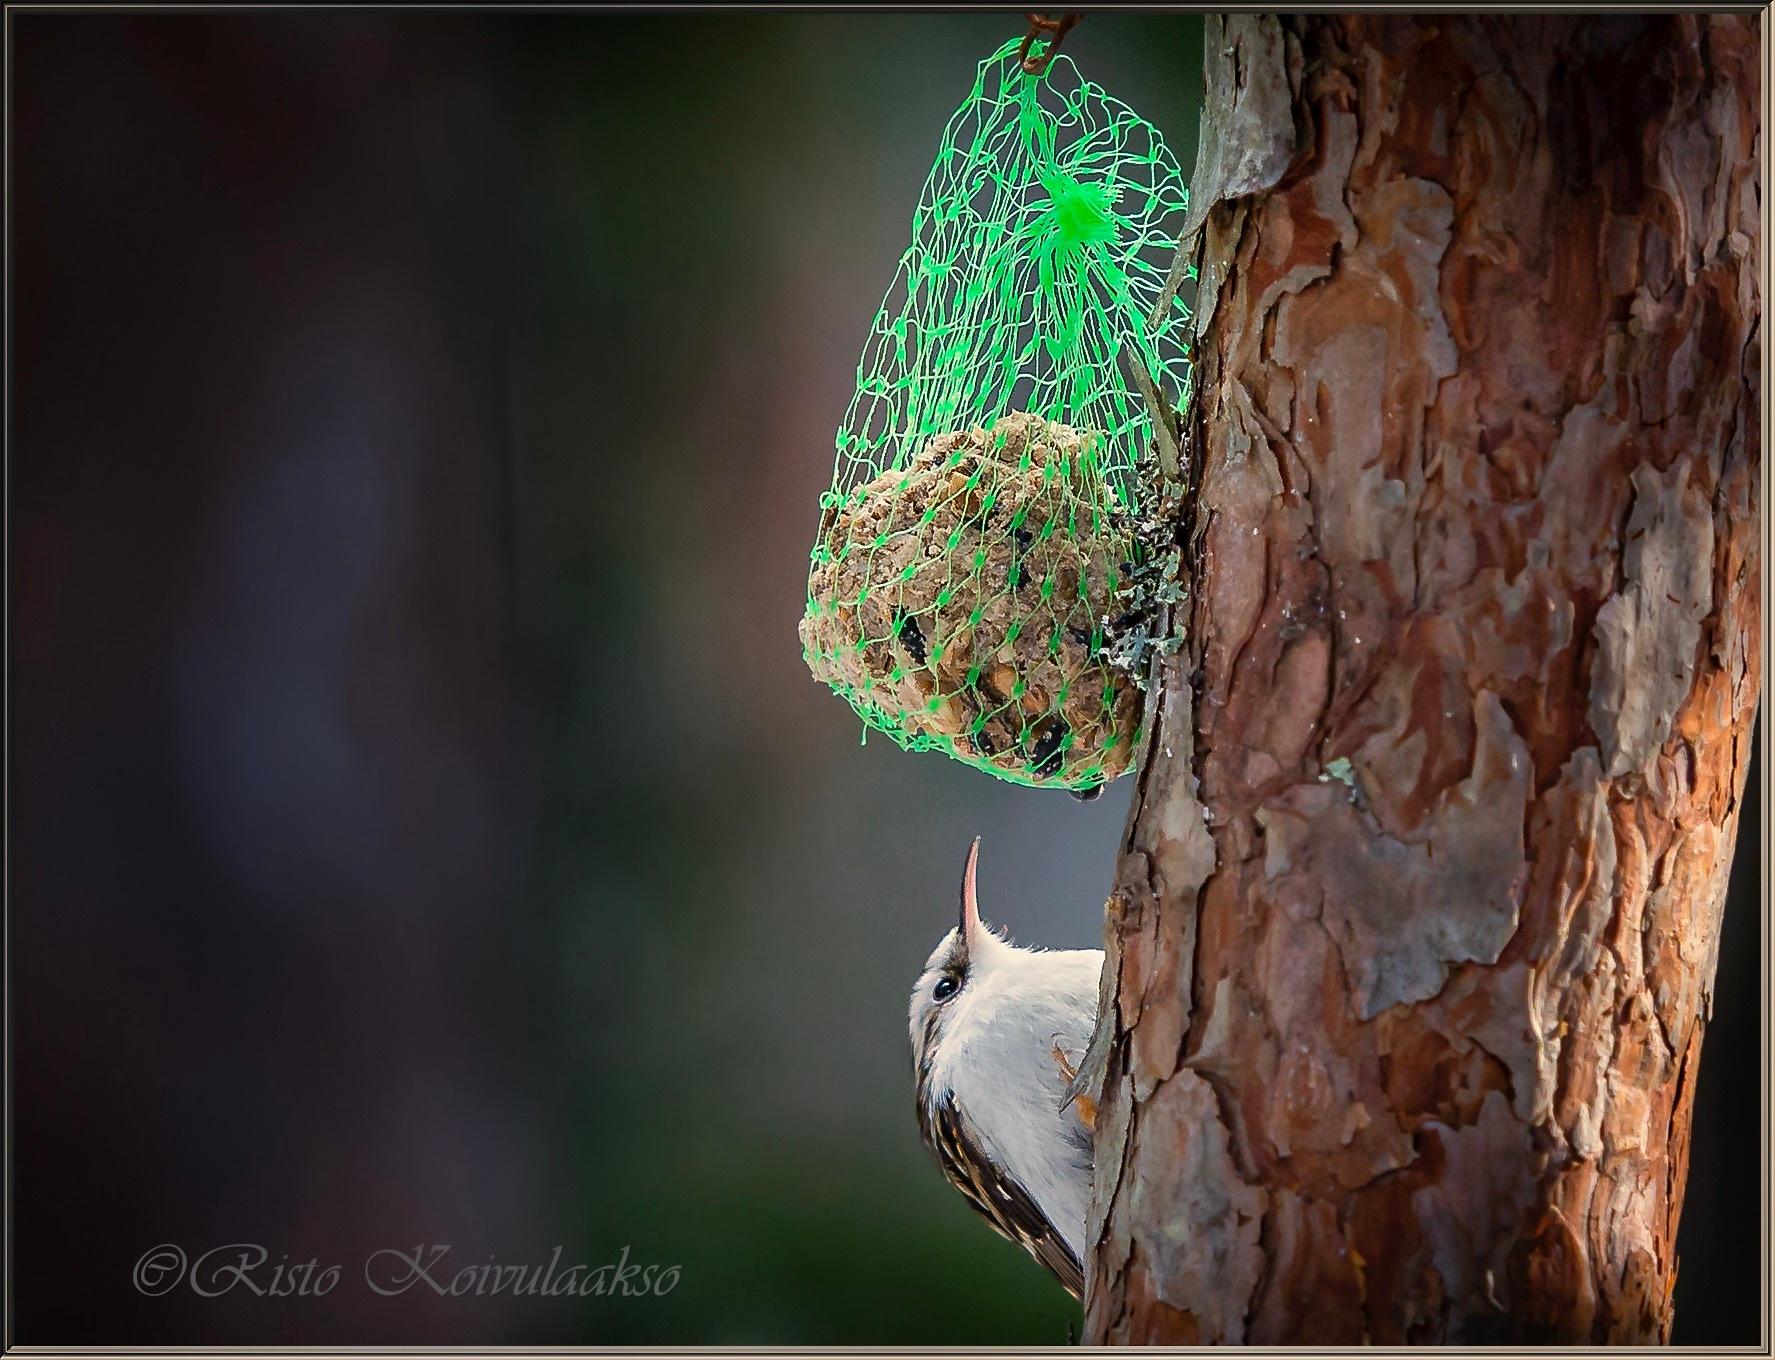 Treecreeper by Risto Koivulaakso